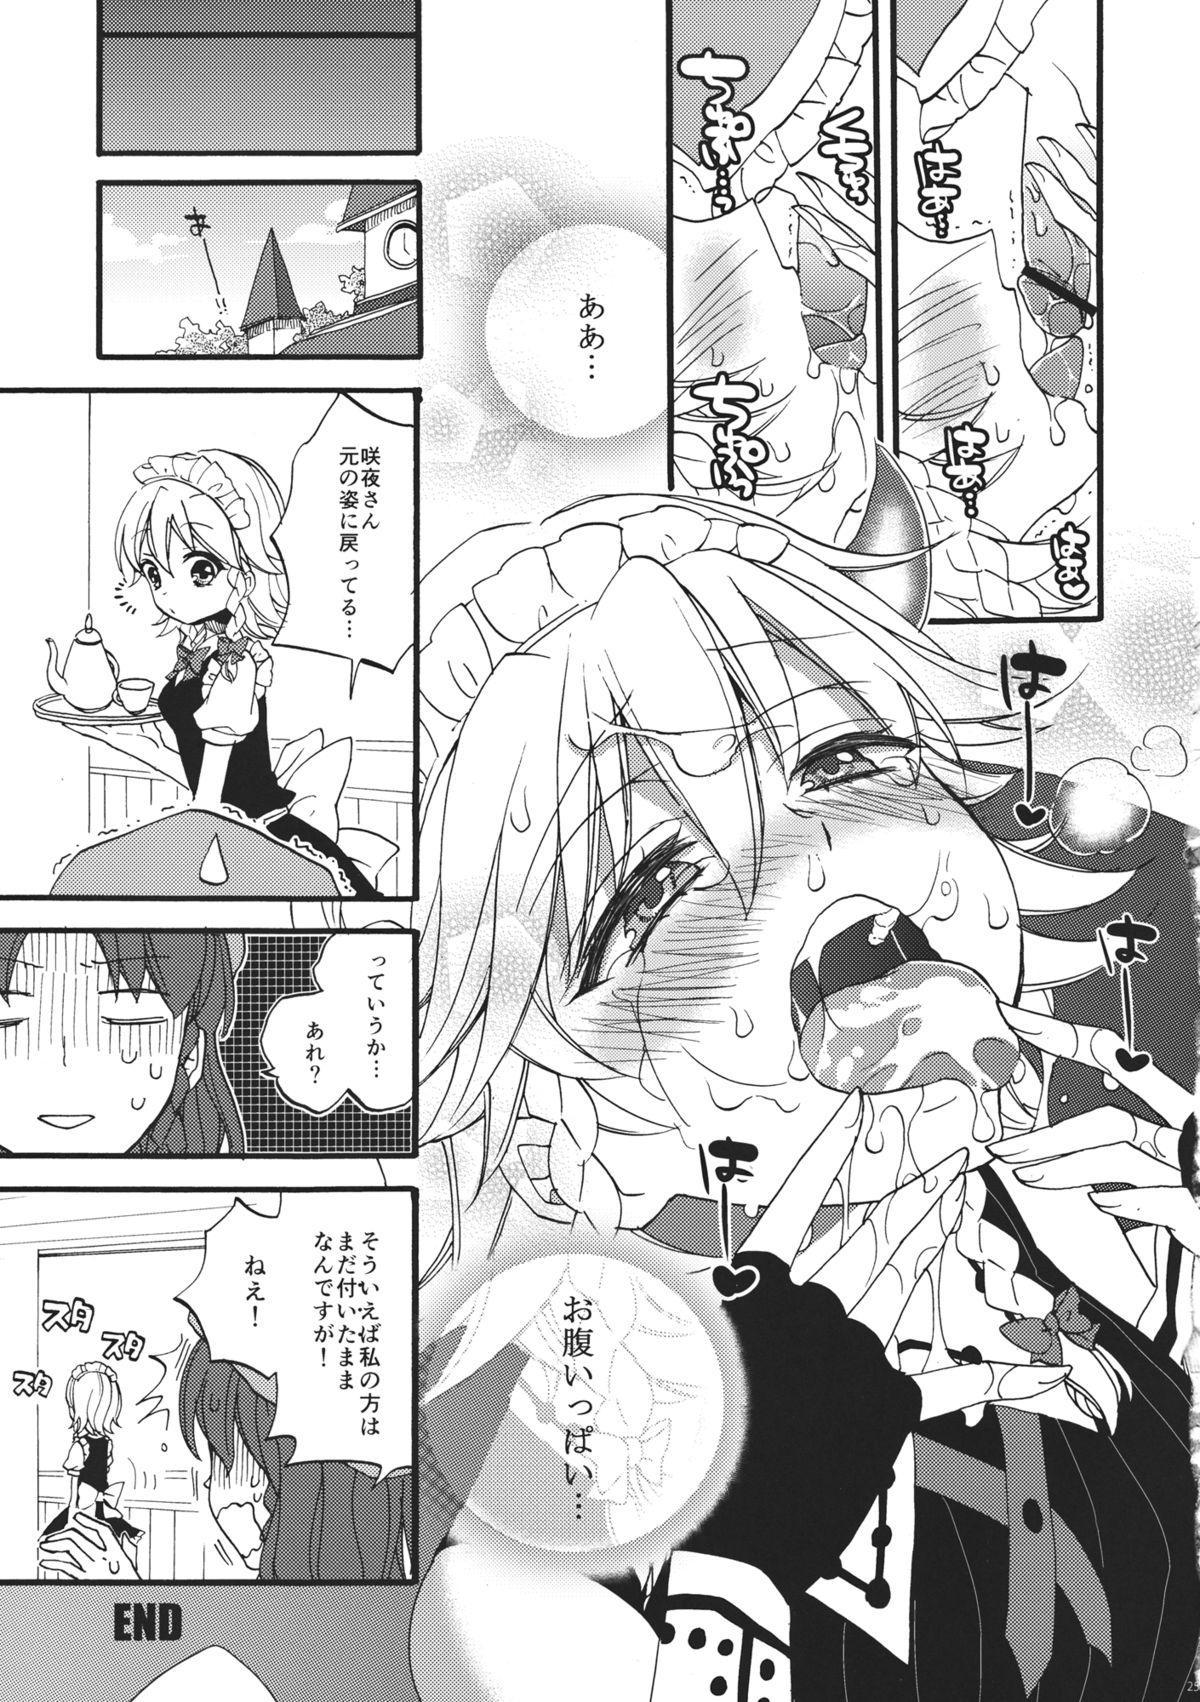 Totsuzen desuga, Sakuya-san niwa Seieki shika Nomenai Karada ni Natteitadakimashita. 24